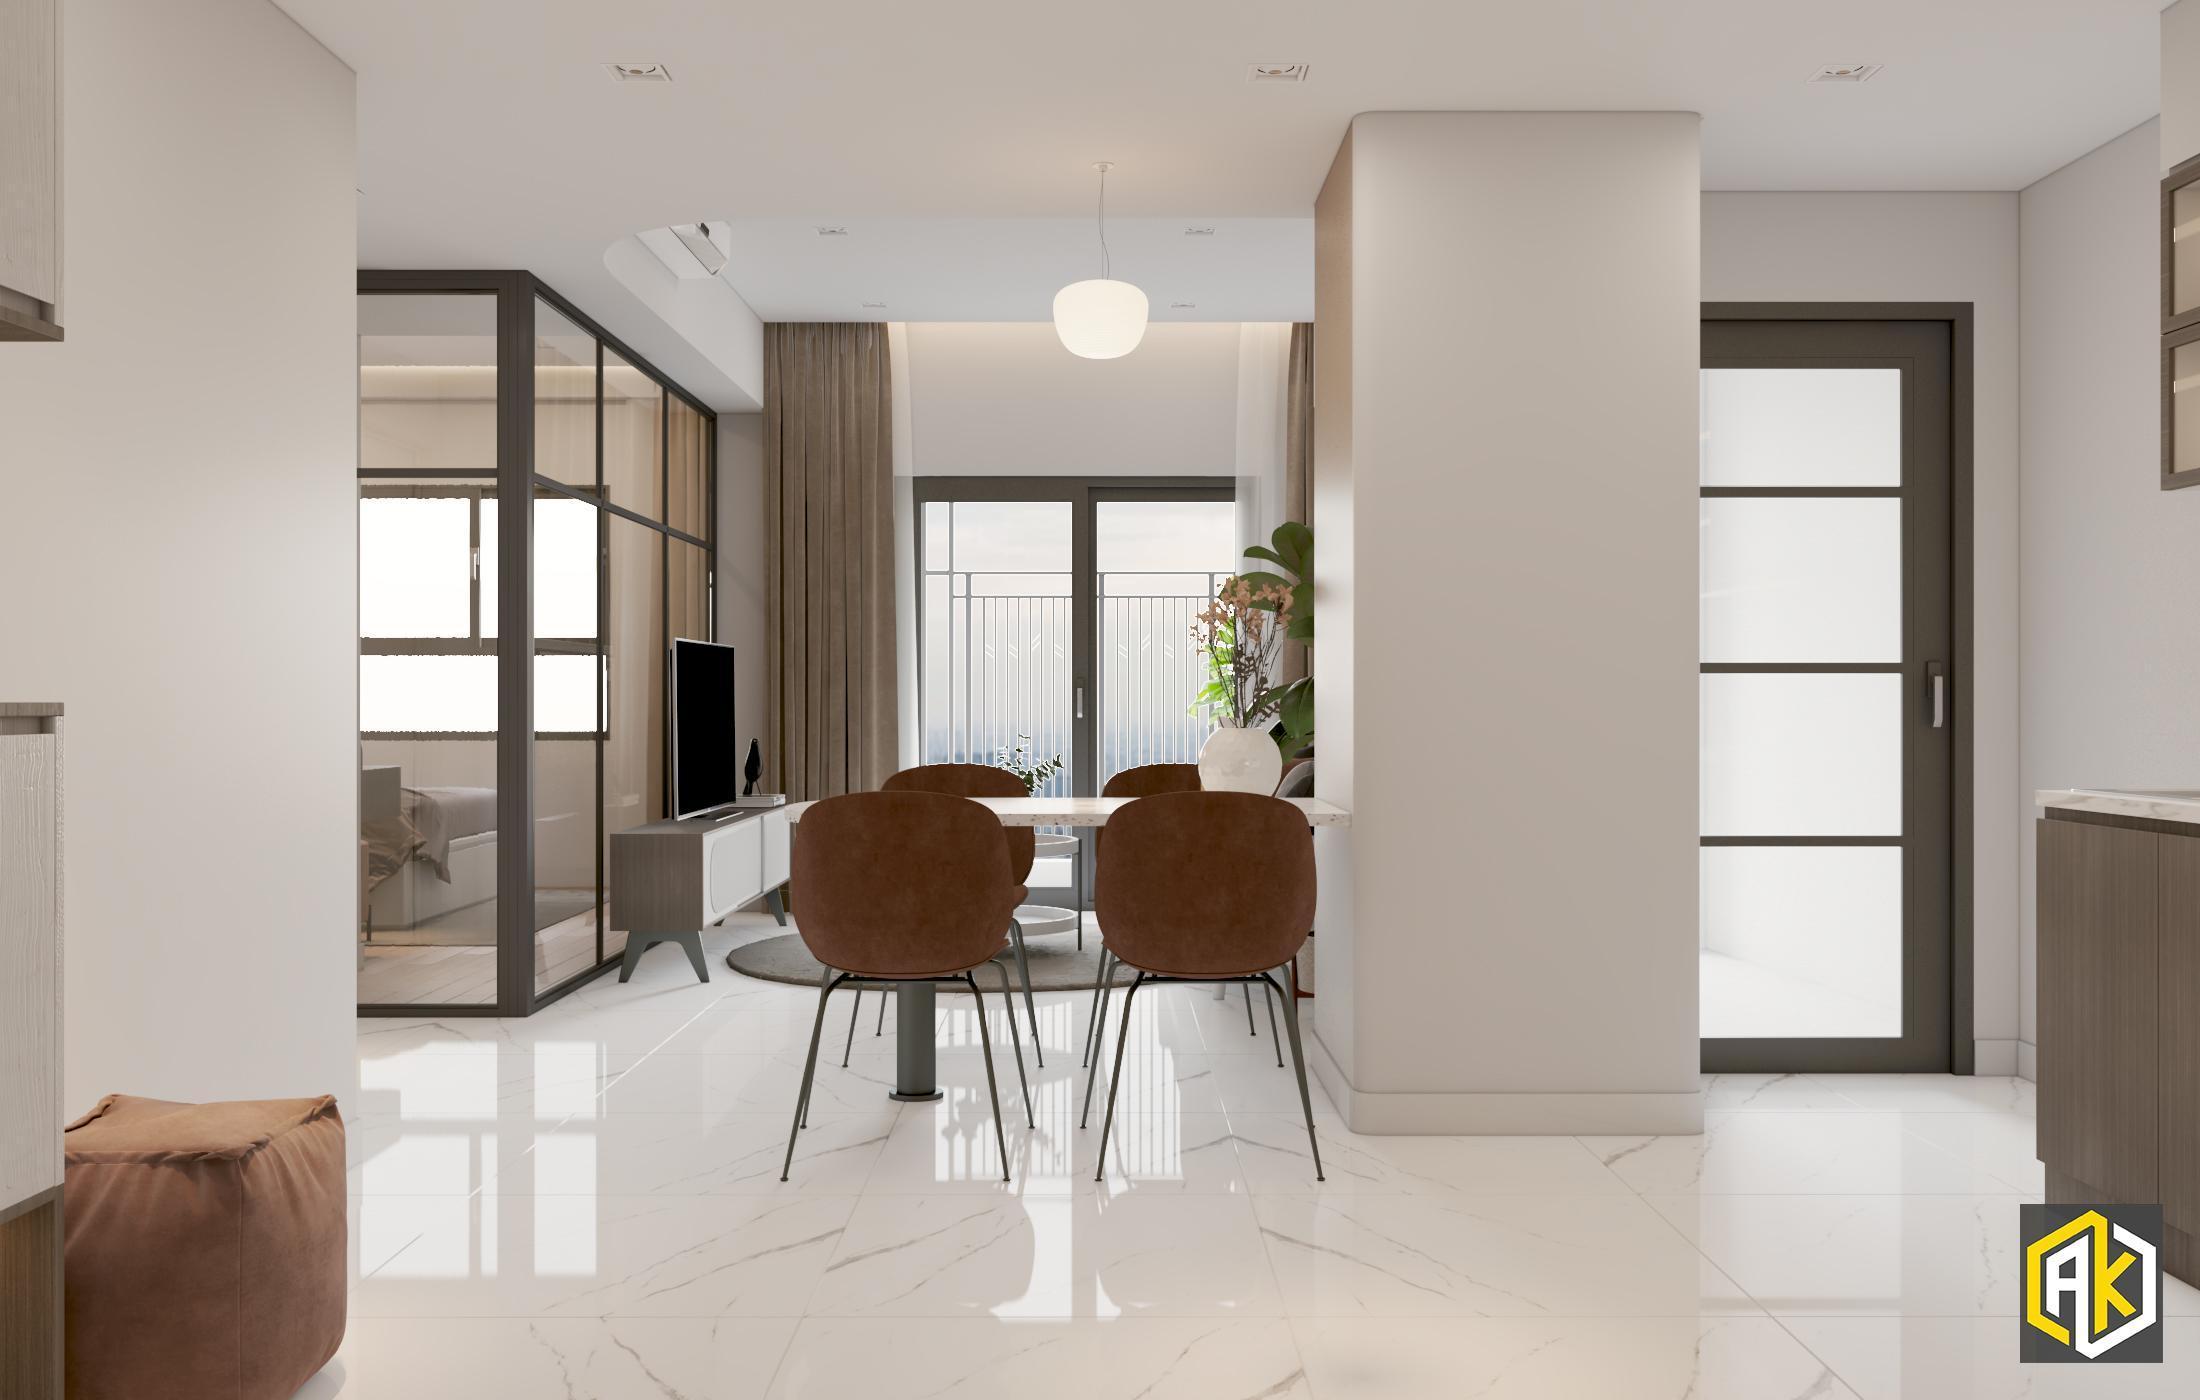 Thiết kế phòng khách đẹp mà đơn giản